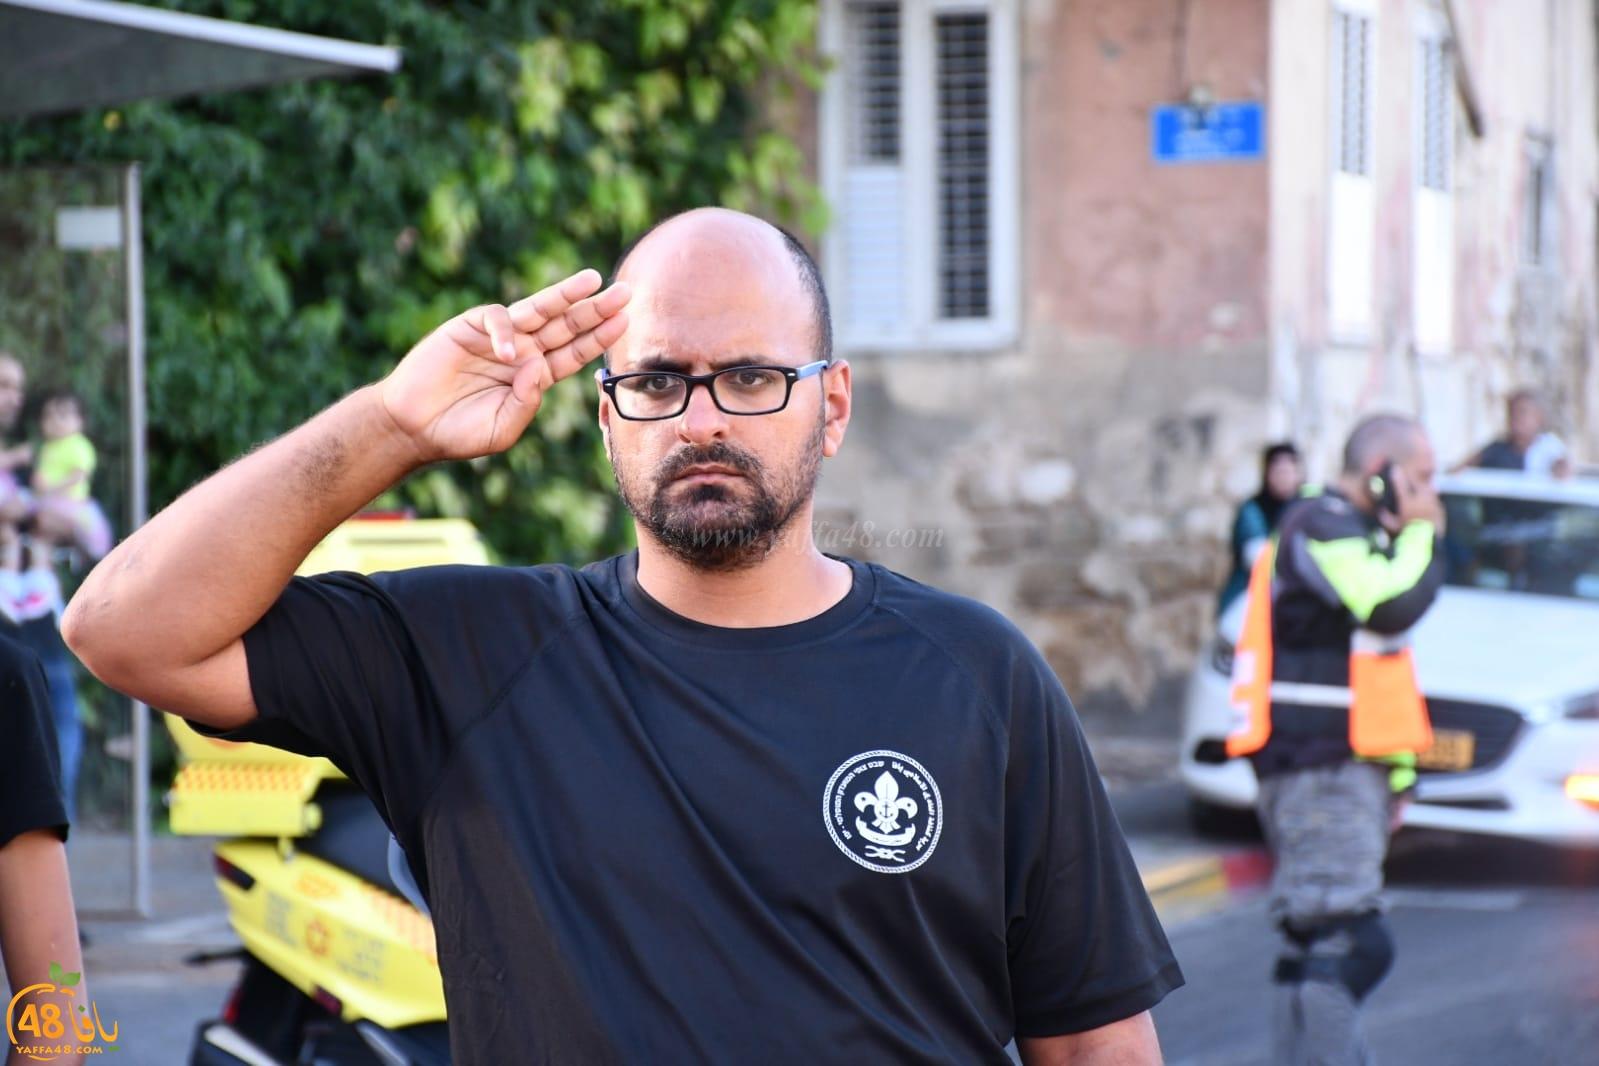 يافا: كشاف النادي الاسلامي يُنظم استعراضاً كشفياً بمناسبة العيد